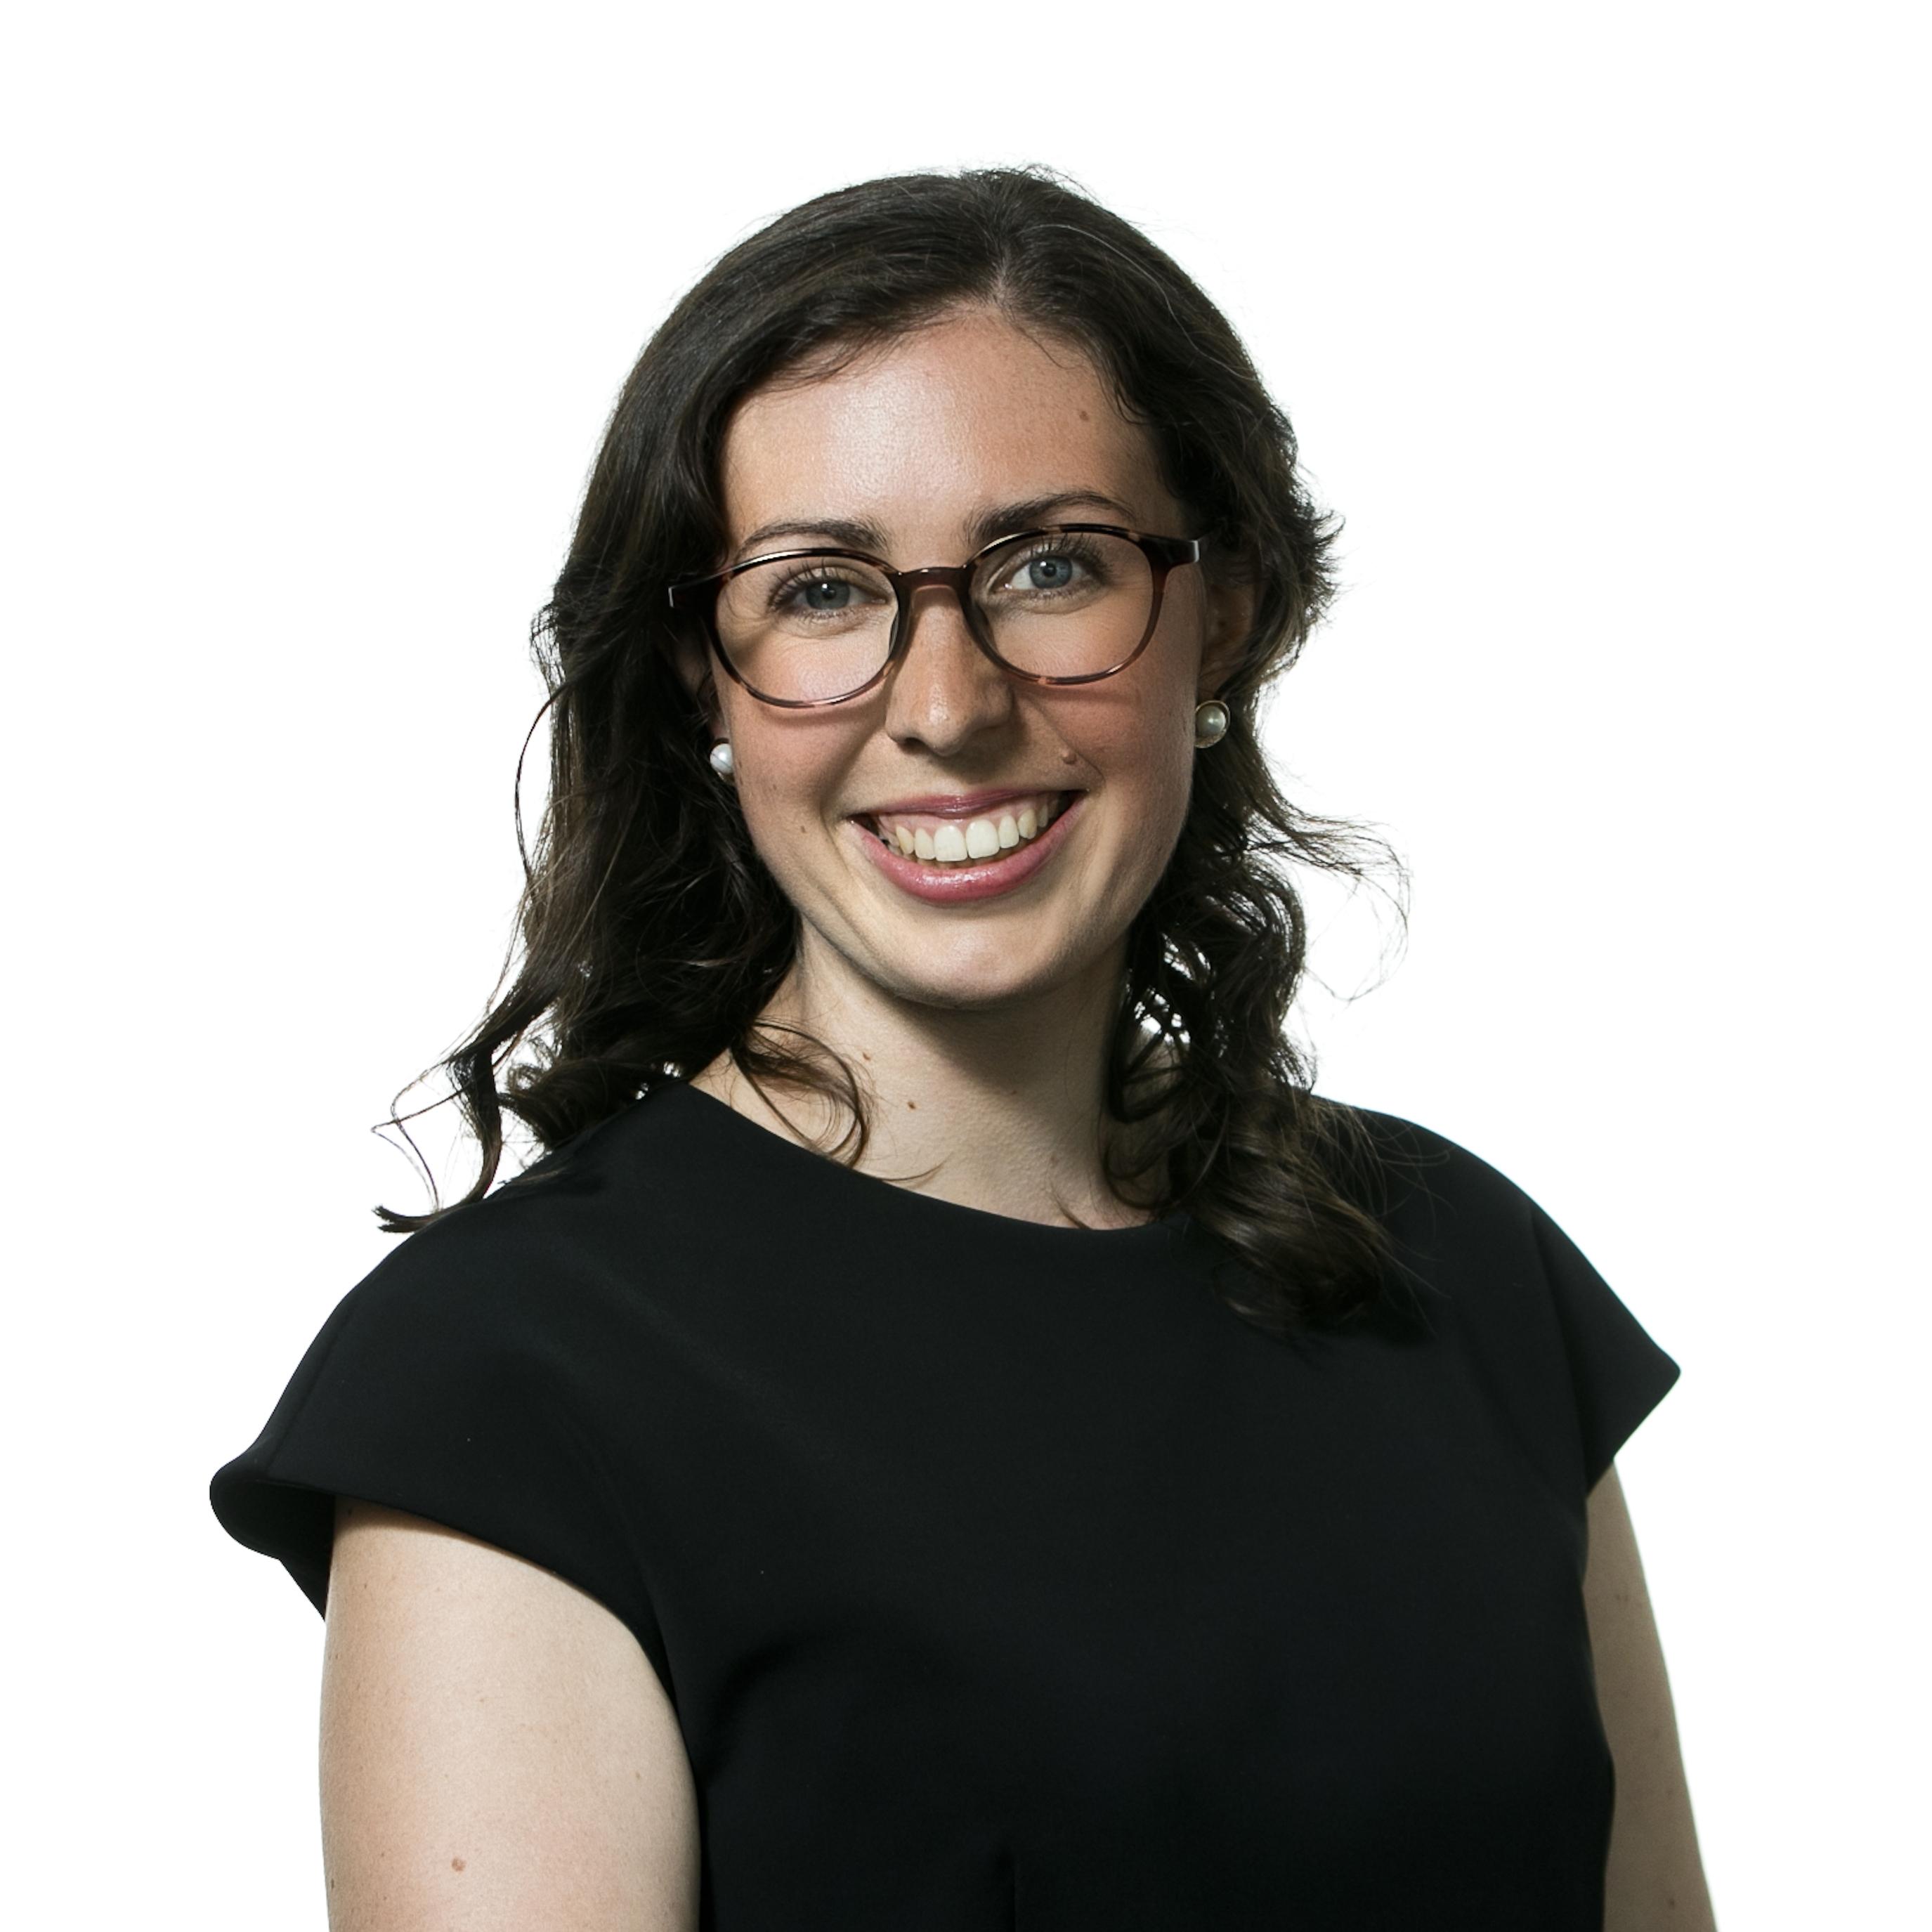 Rebecca Kummert